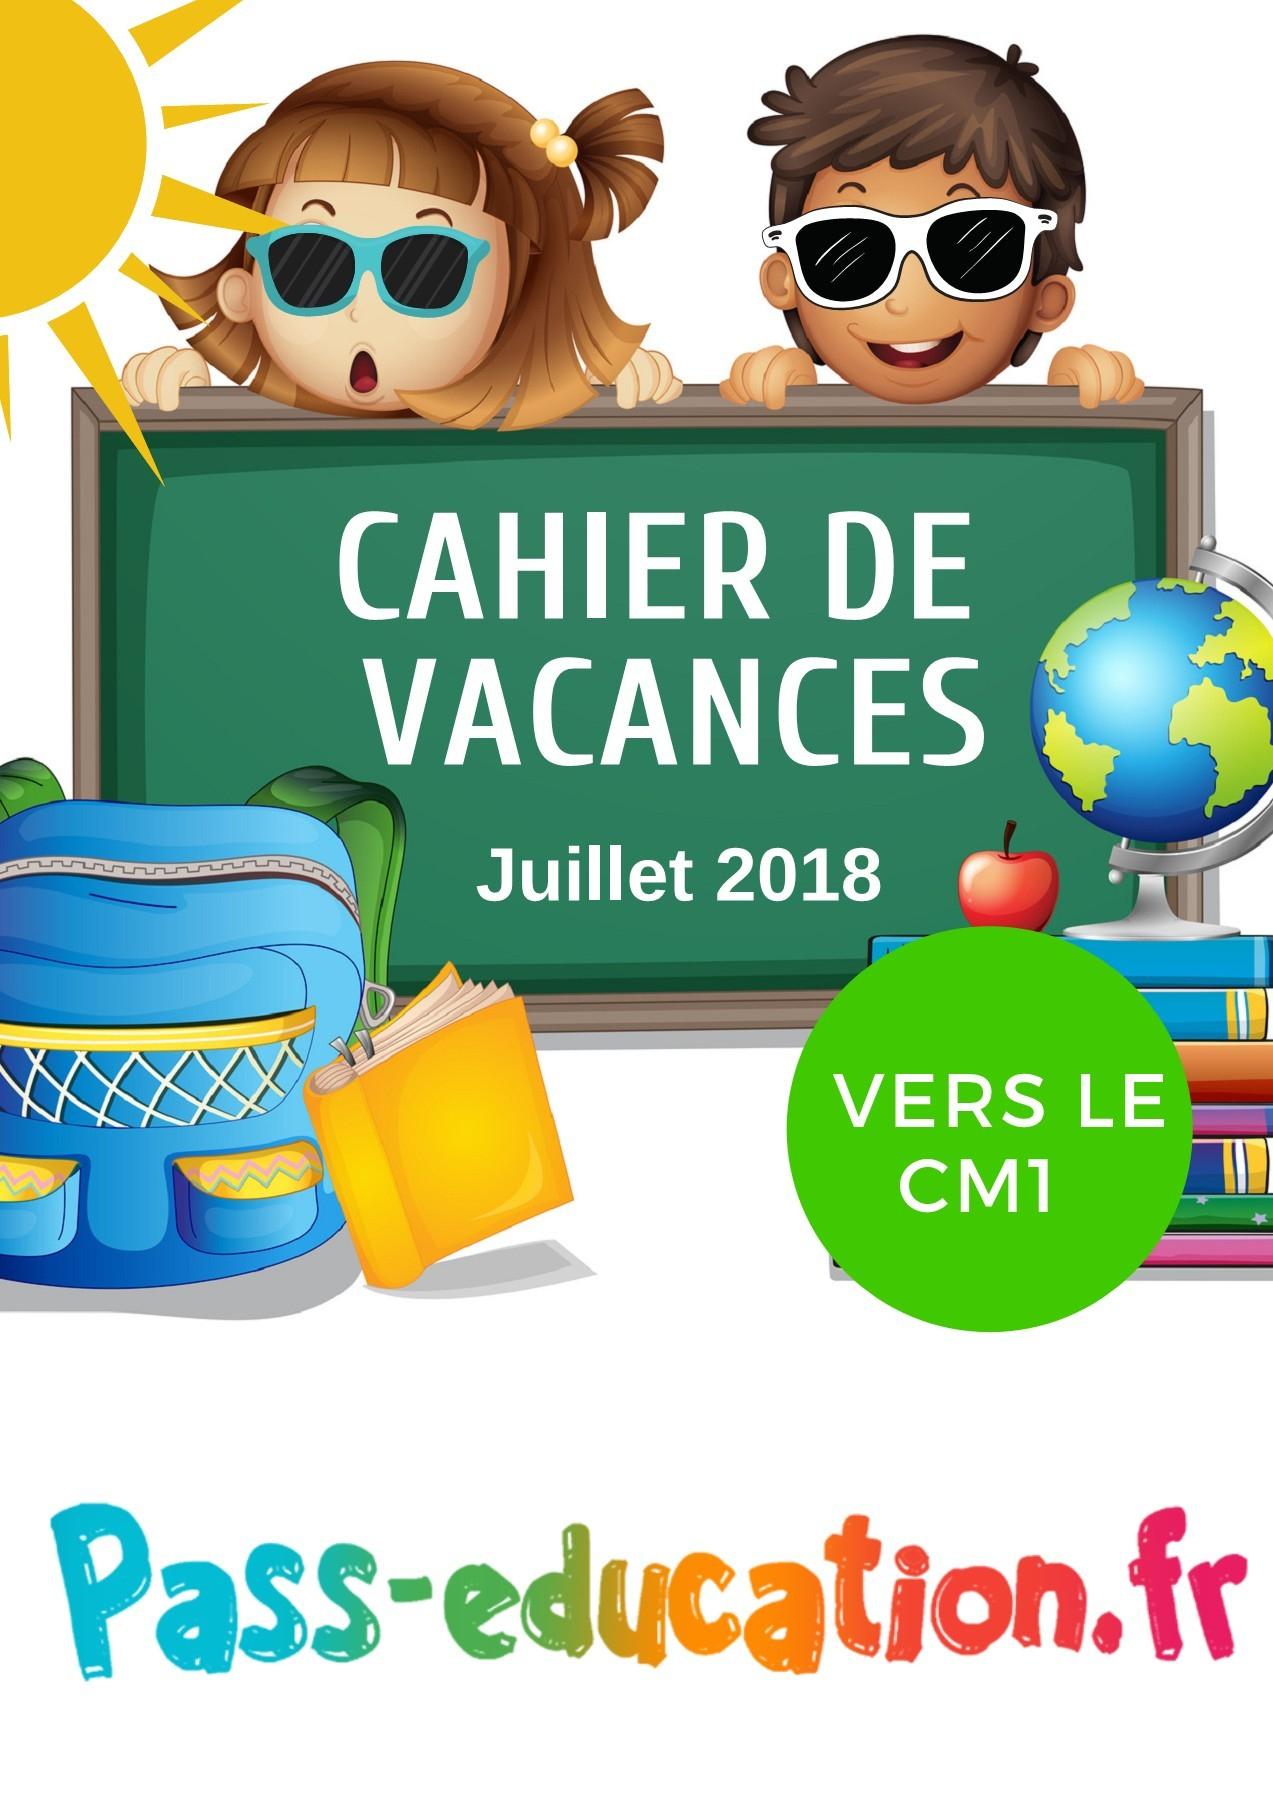 Cahier De Vacances Gratuit À Imprimer - Ce2 Vers Le Cm1 dedans Cahier De Vacances 1Ere S